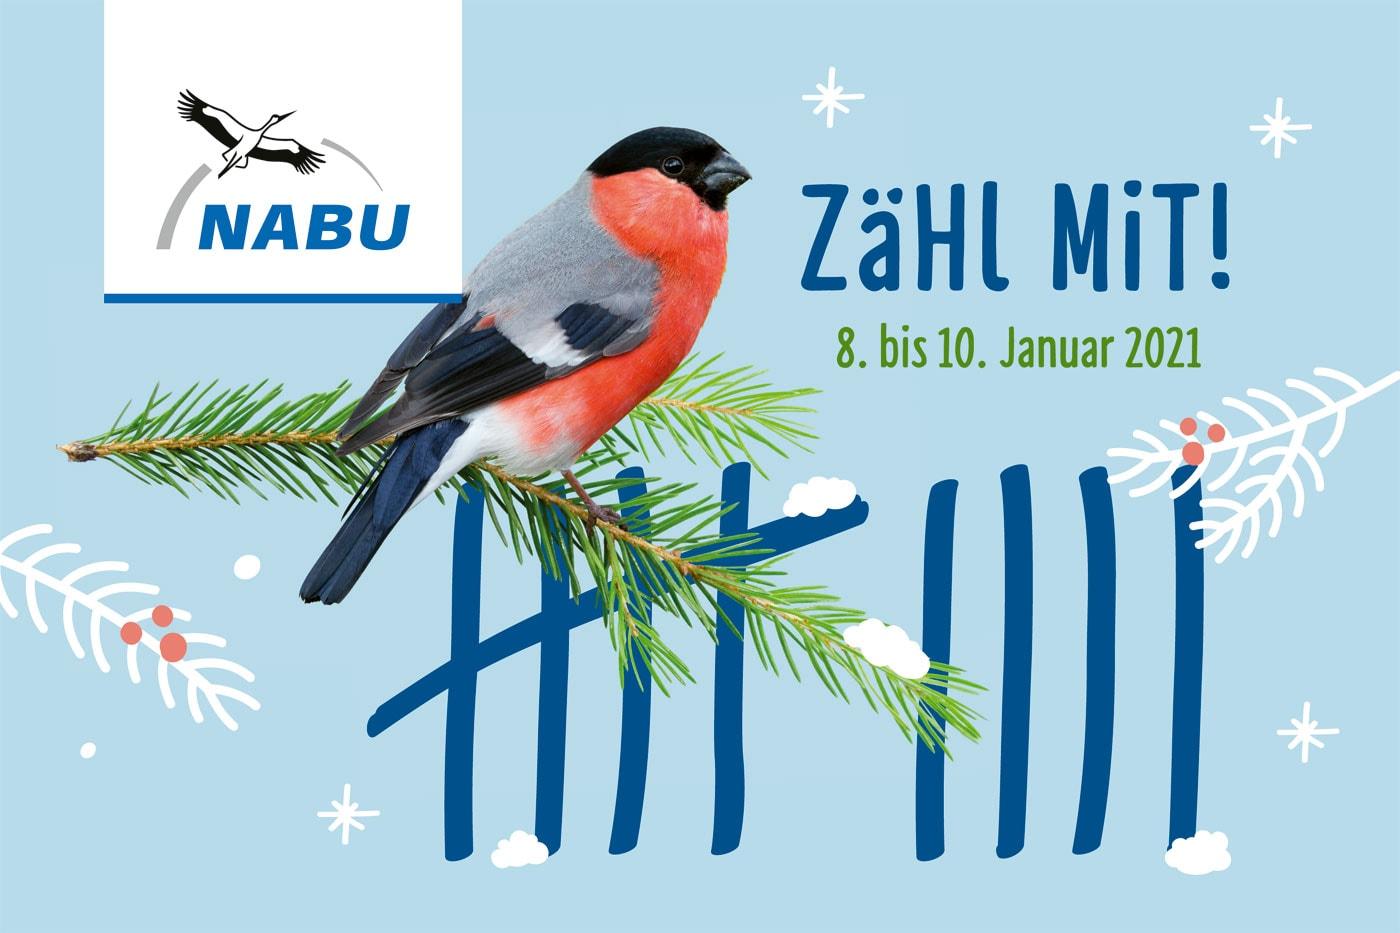 NABU Stunde der Wintervögel 2021 – Mitmachaktion // HIMBEER